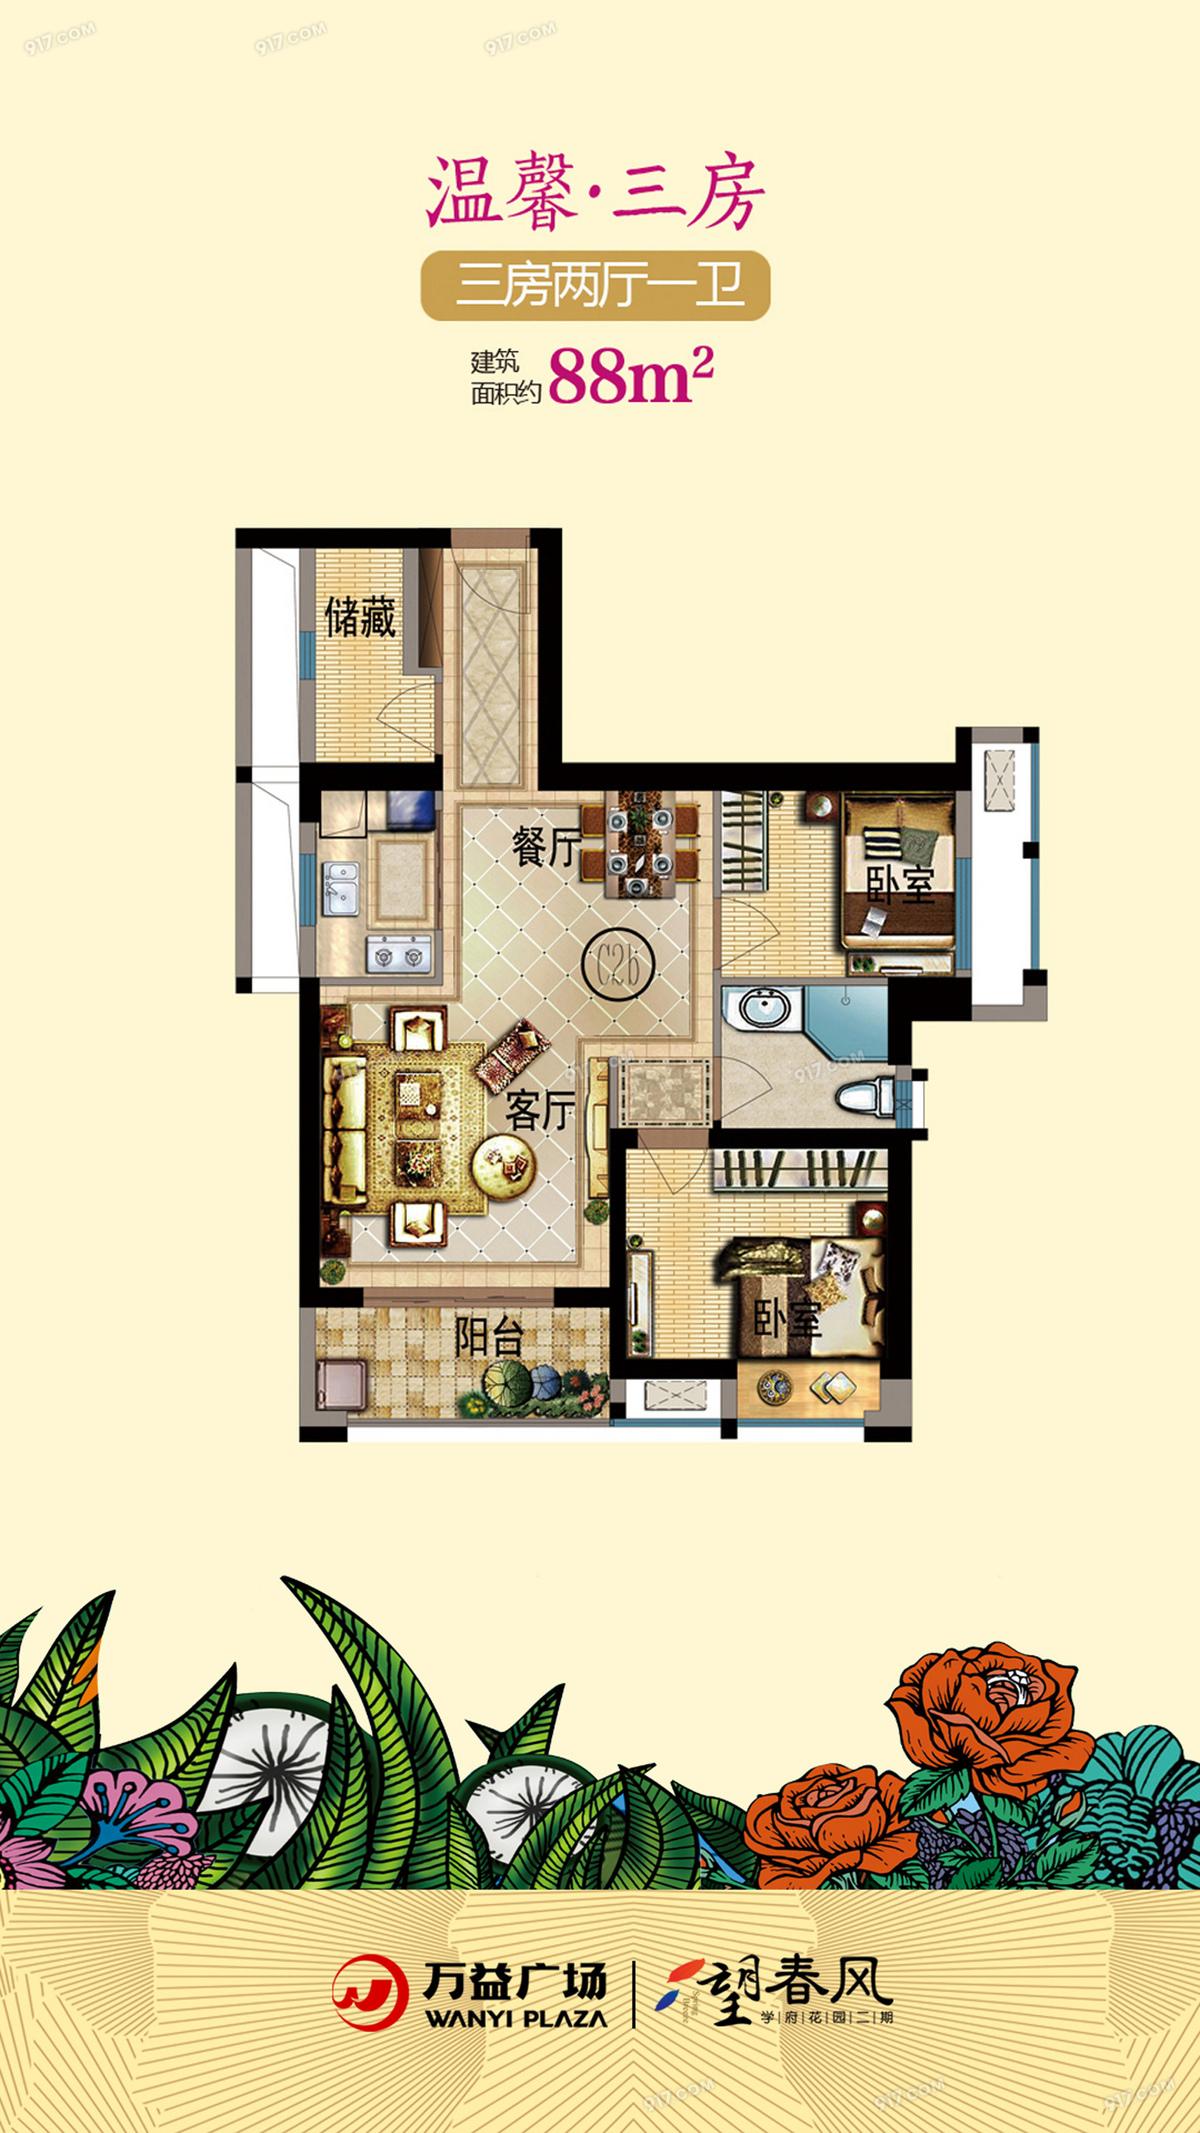 88平户型 3房2厅1卫